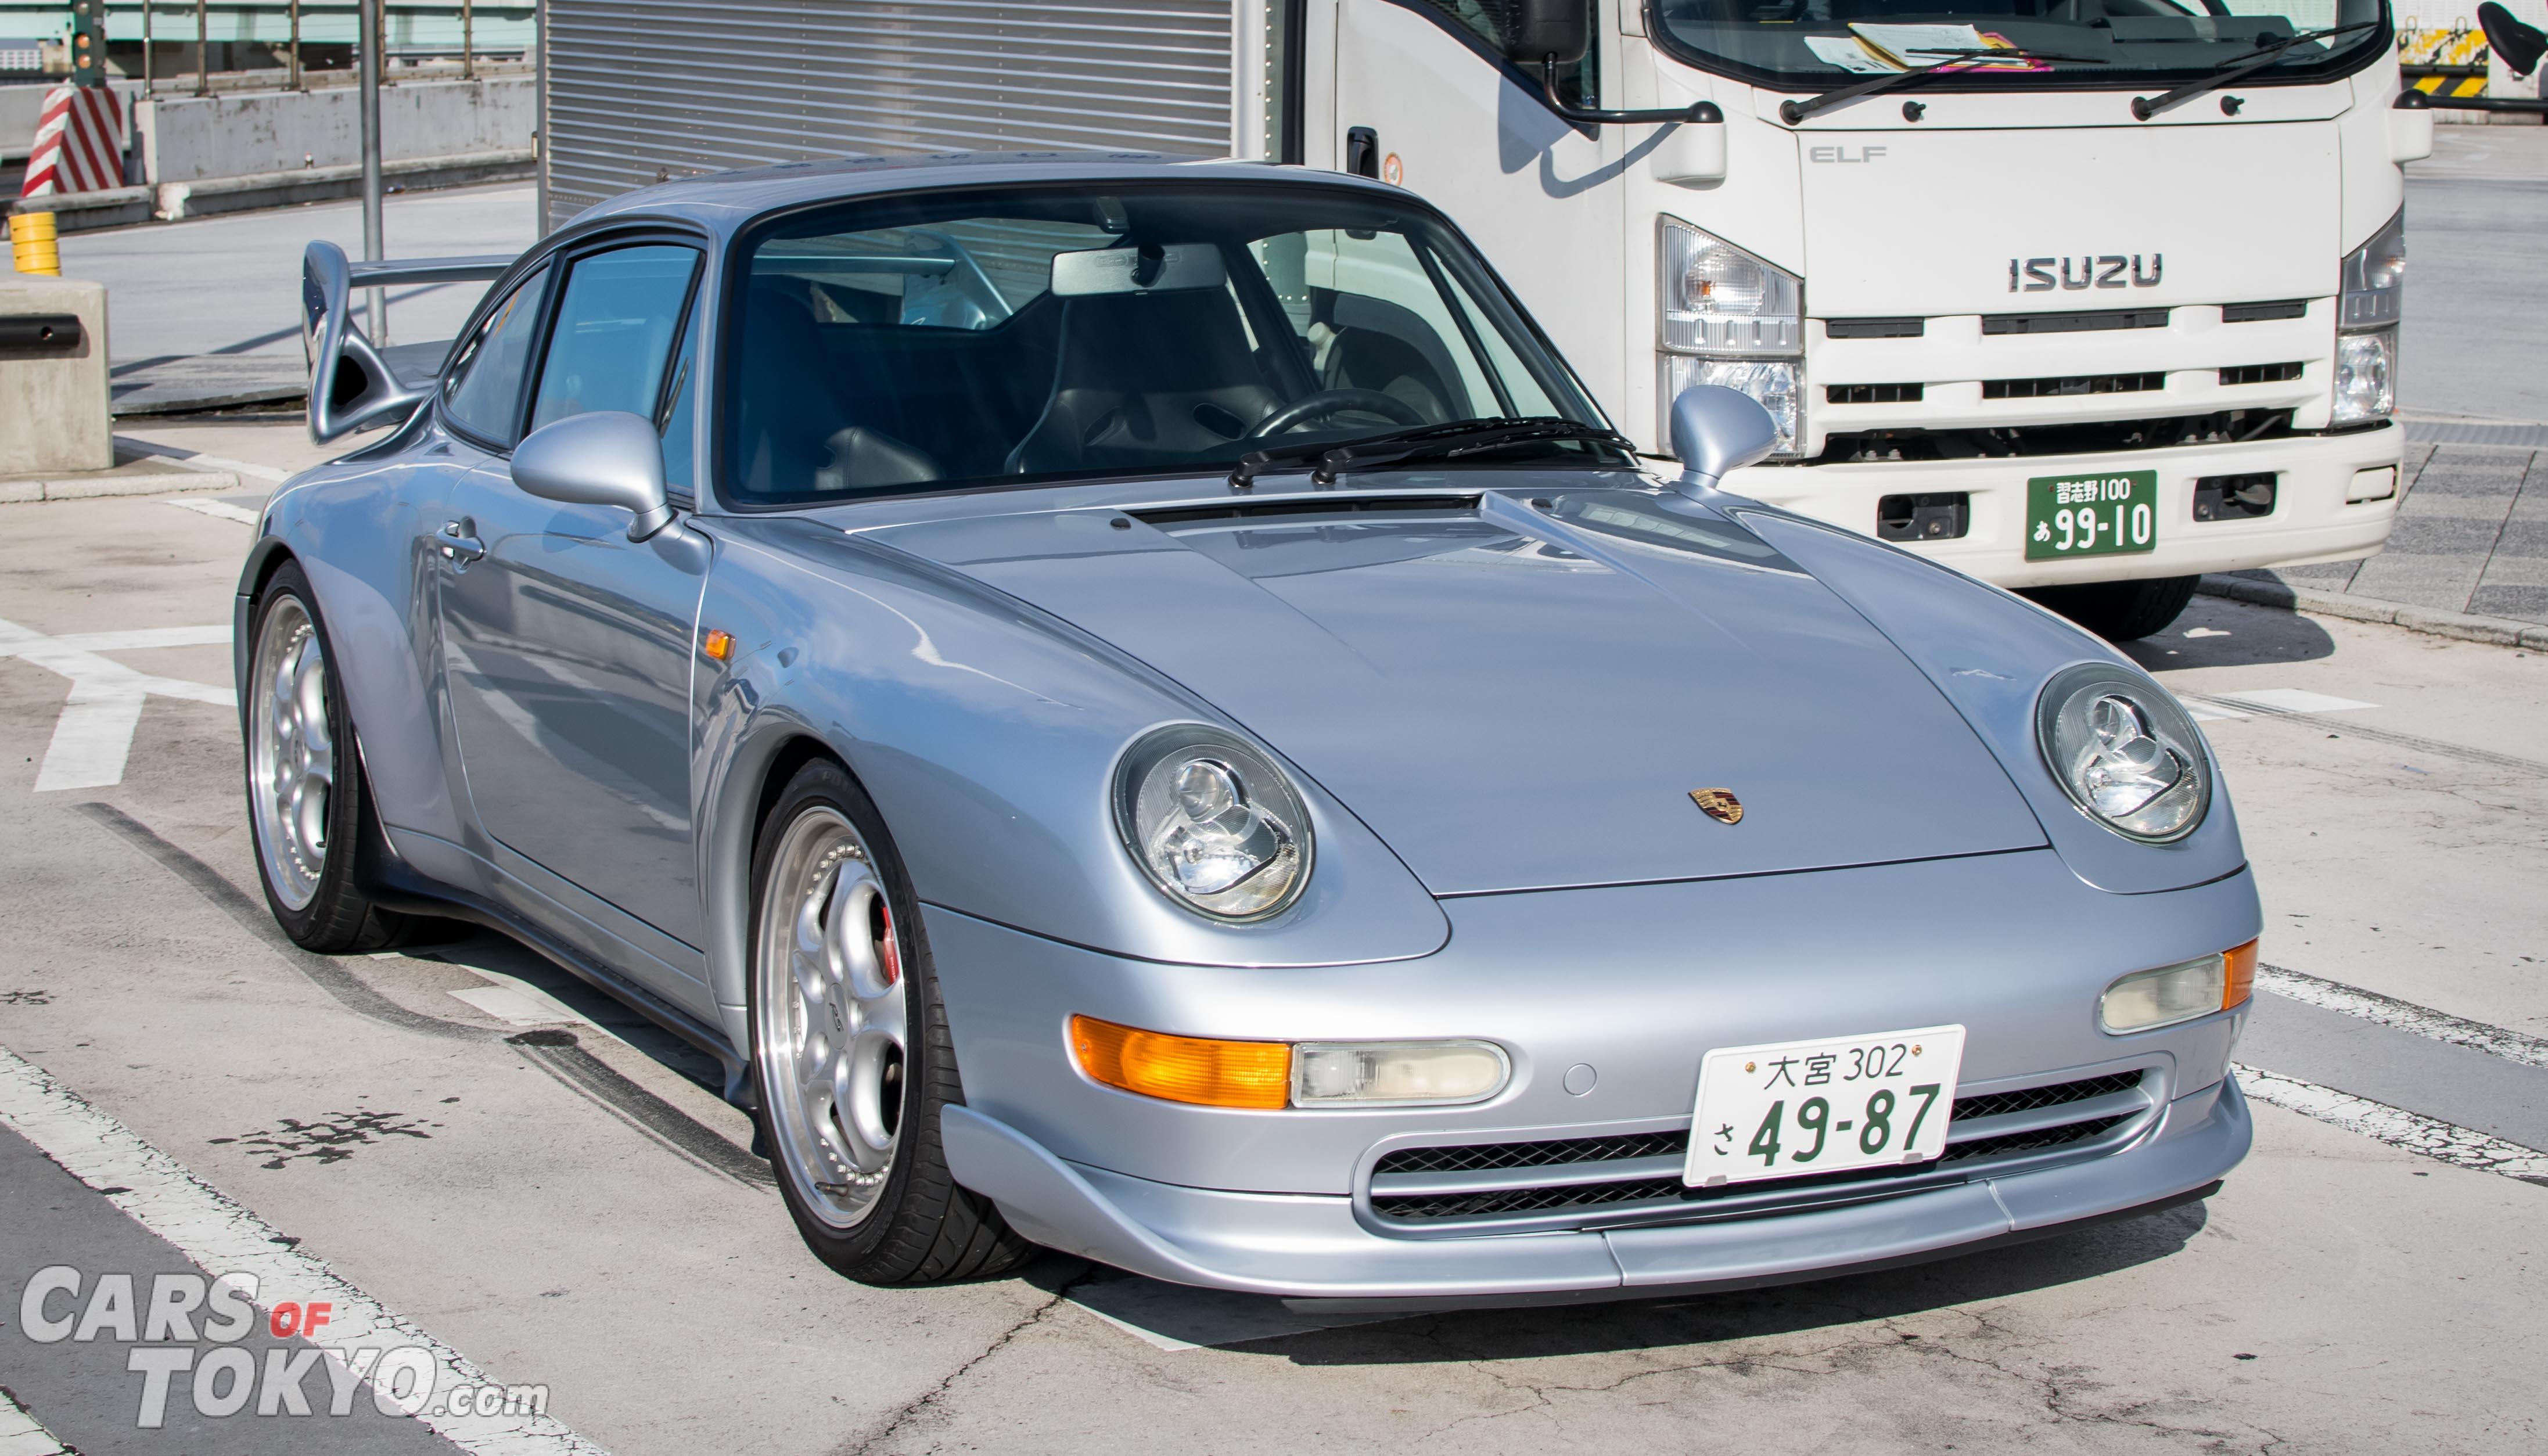 Cars of Tokyo Classic Porsche 911 Carrera RS (993)